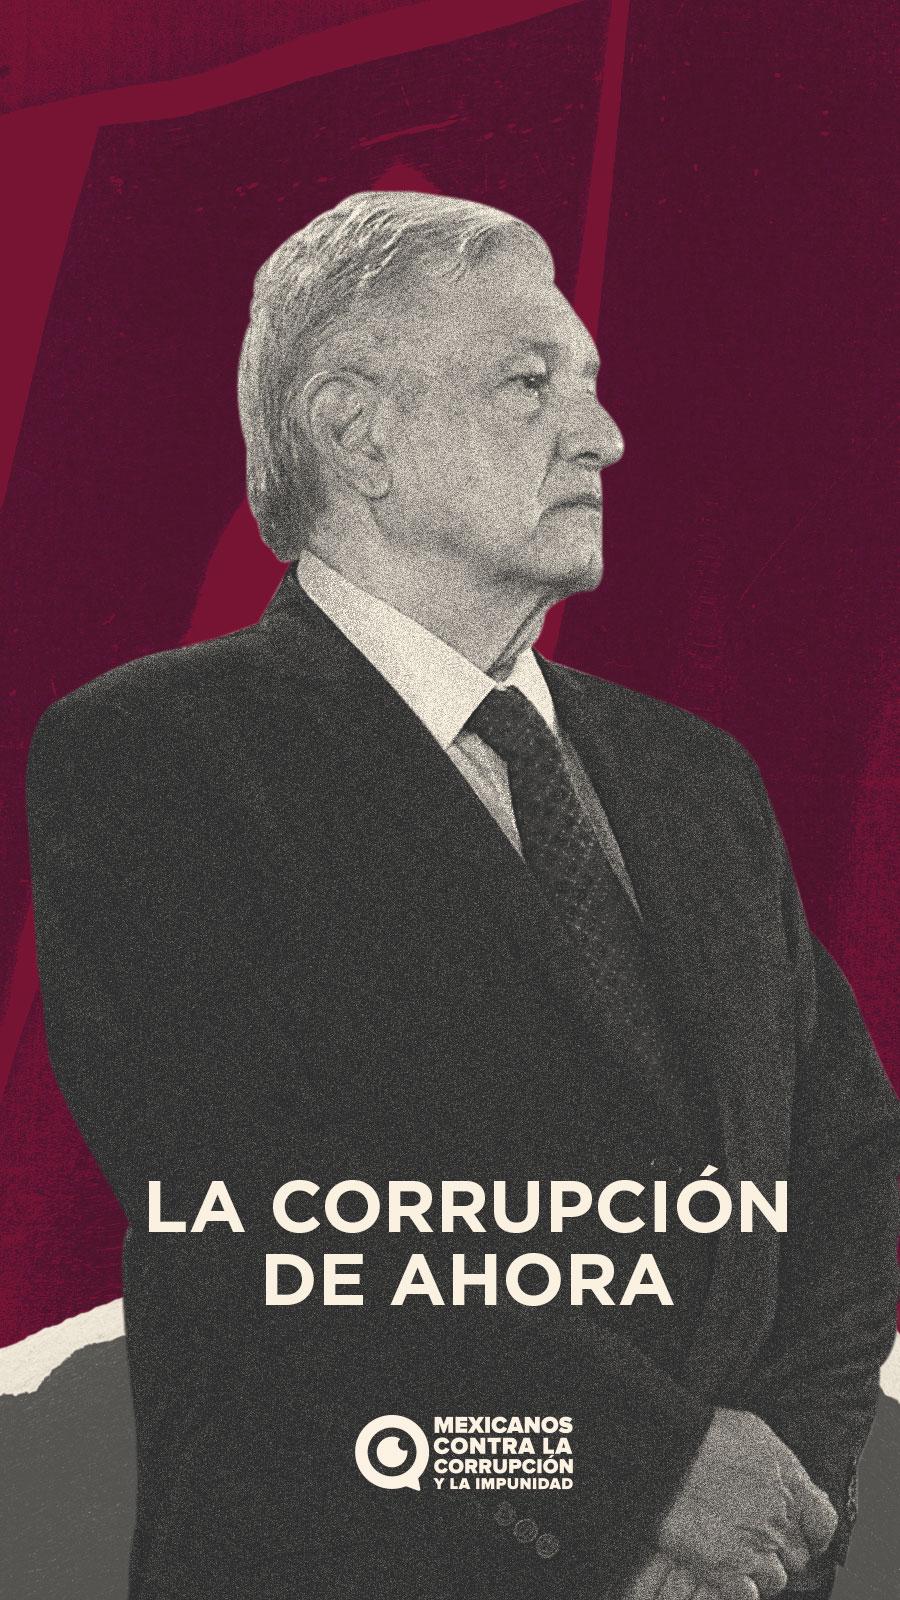 La corrupción de ahora 2018-2020